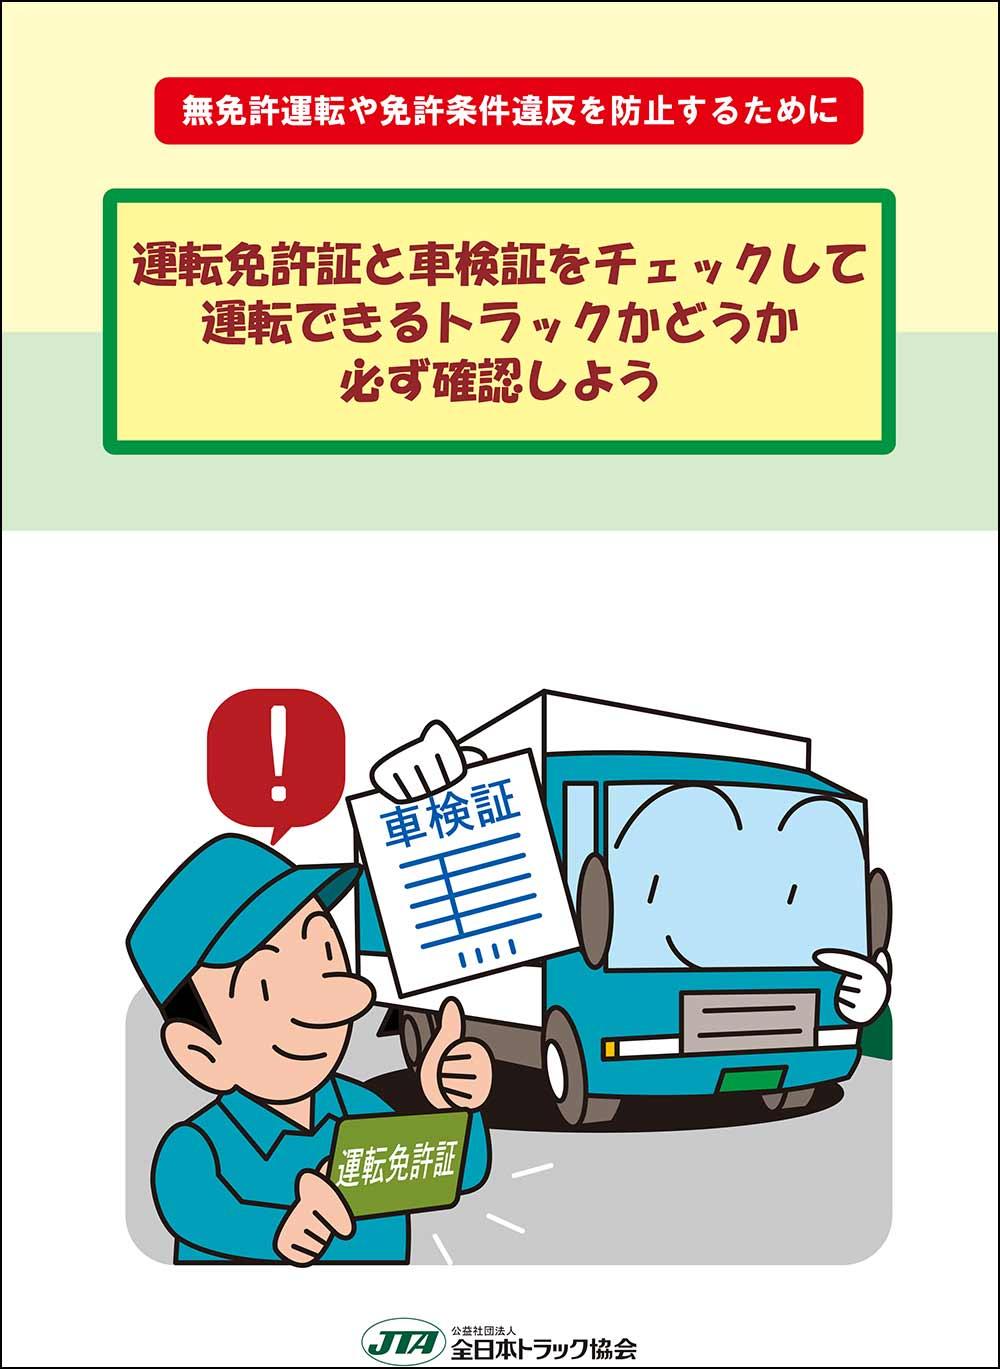 運転免許証と車検証をチェックして運転できるトラックかどうか必ず確認しよう